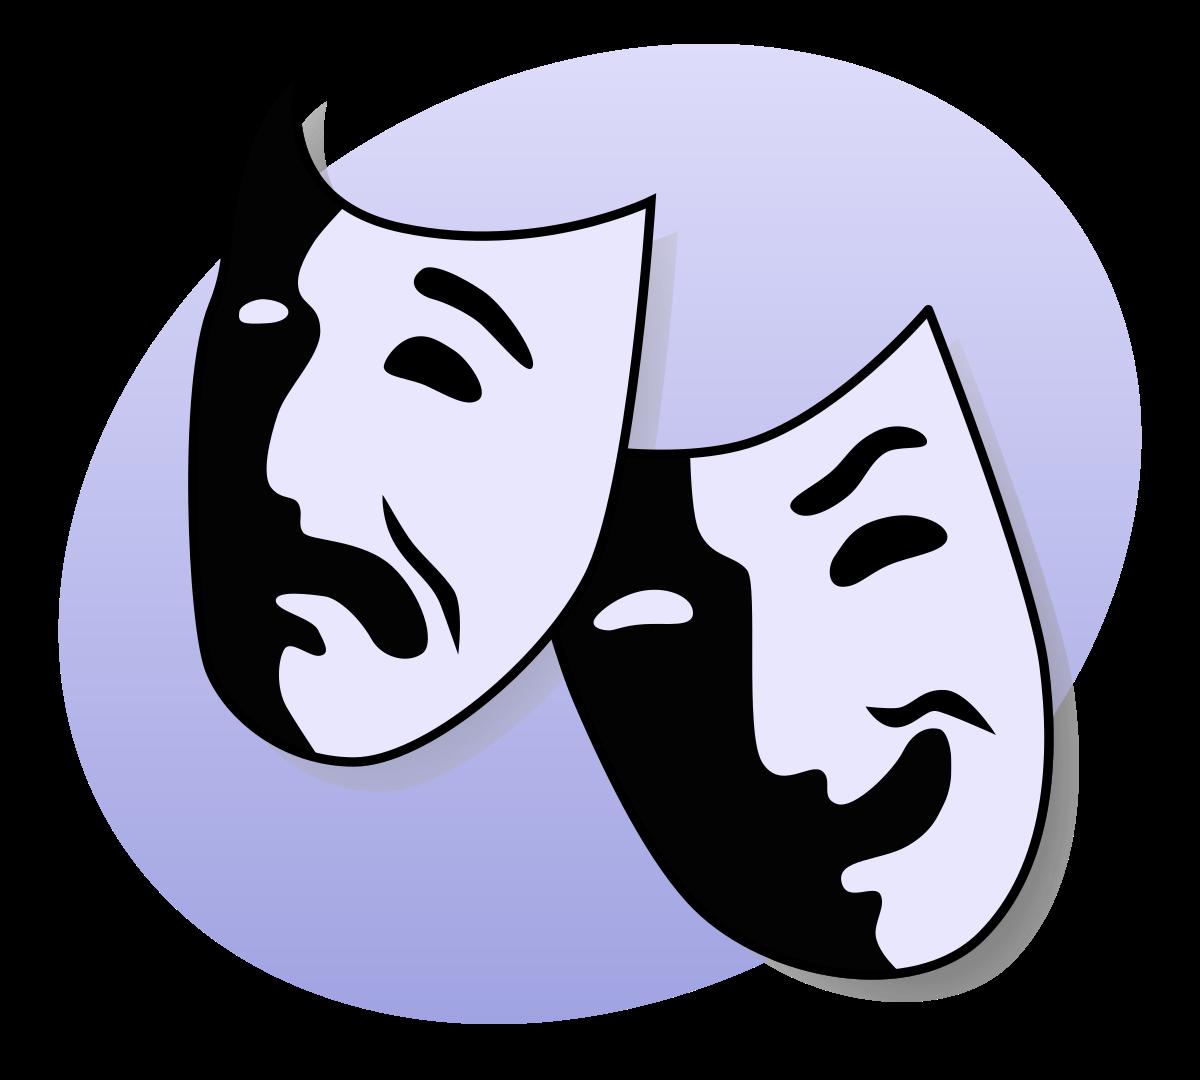 Theatre clipart improv. Disturbo bipolare wikipedia cansu